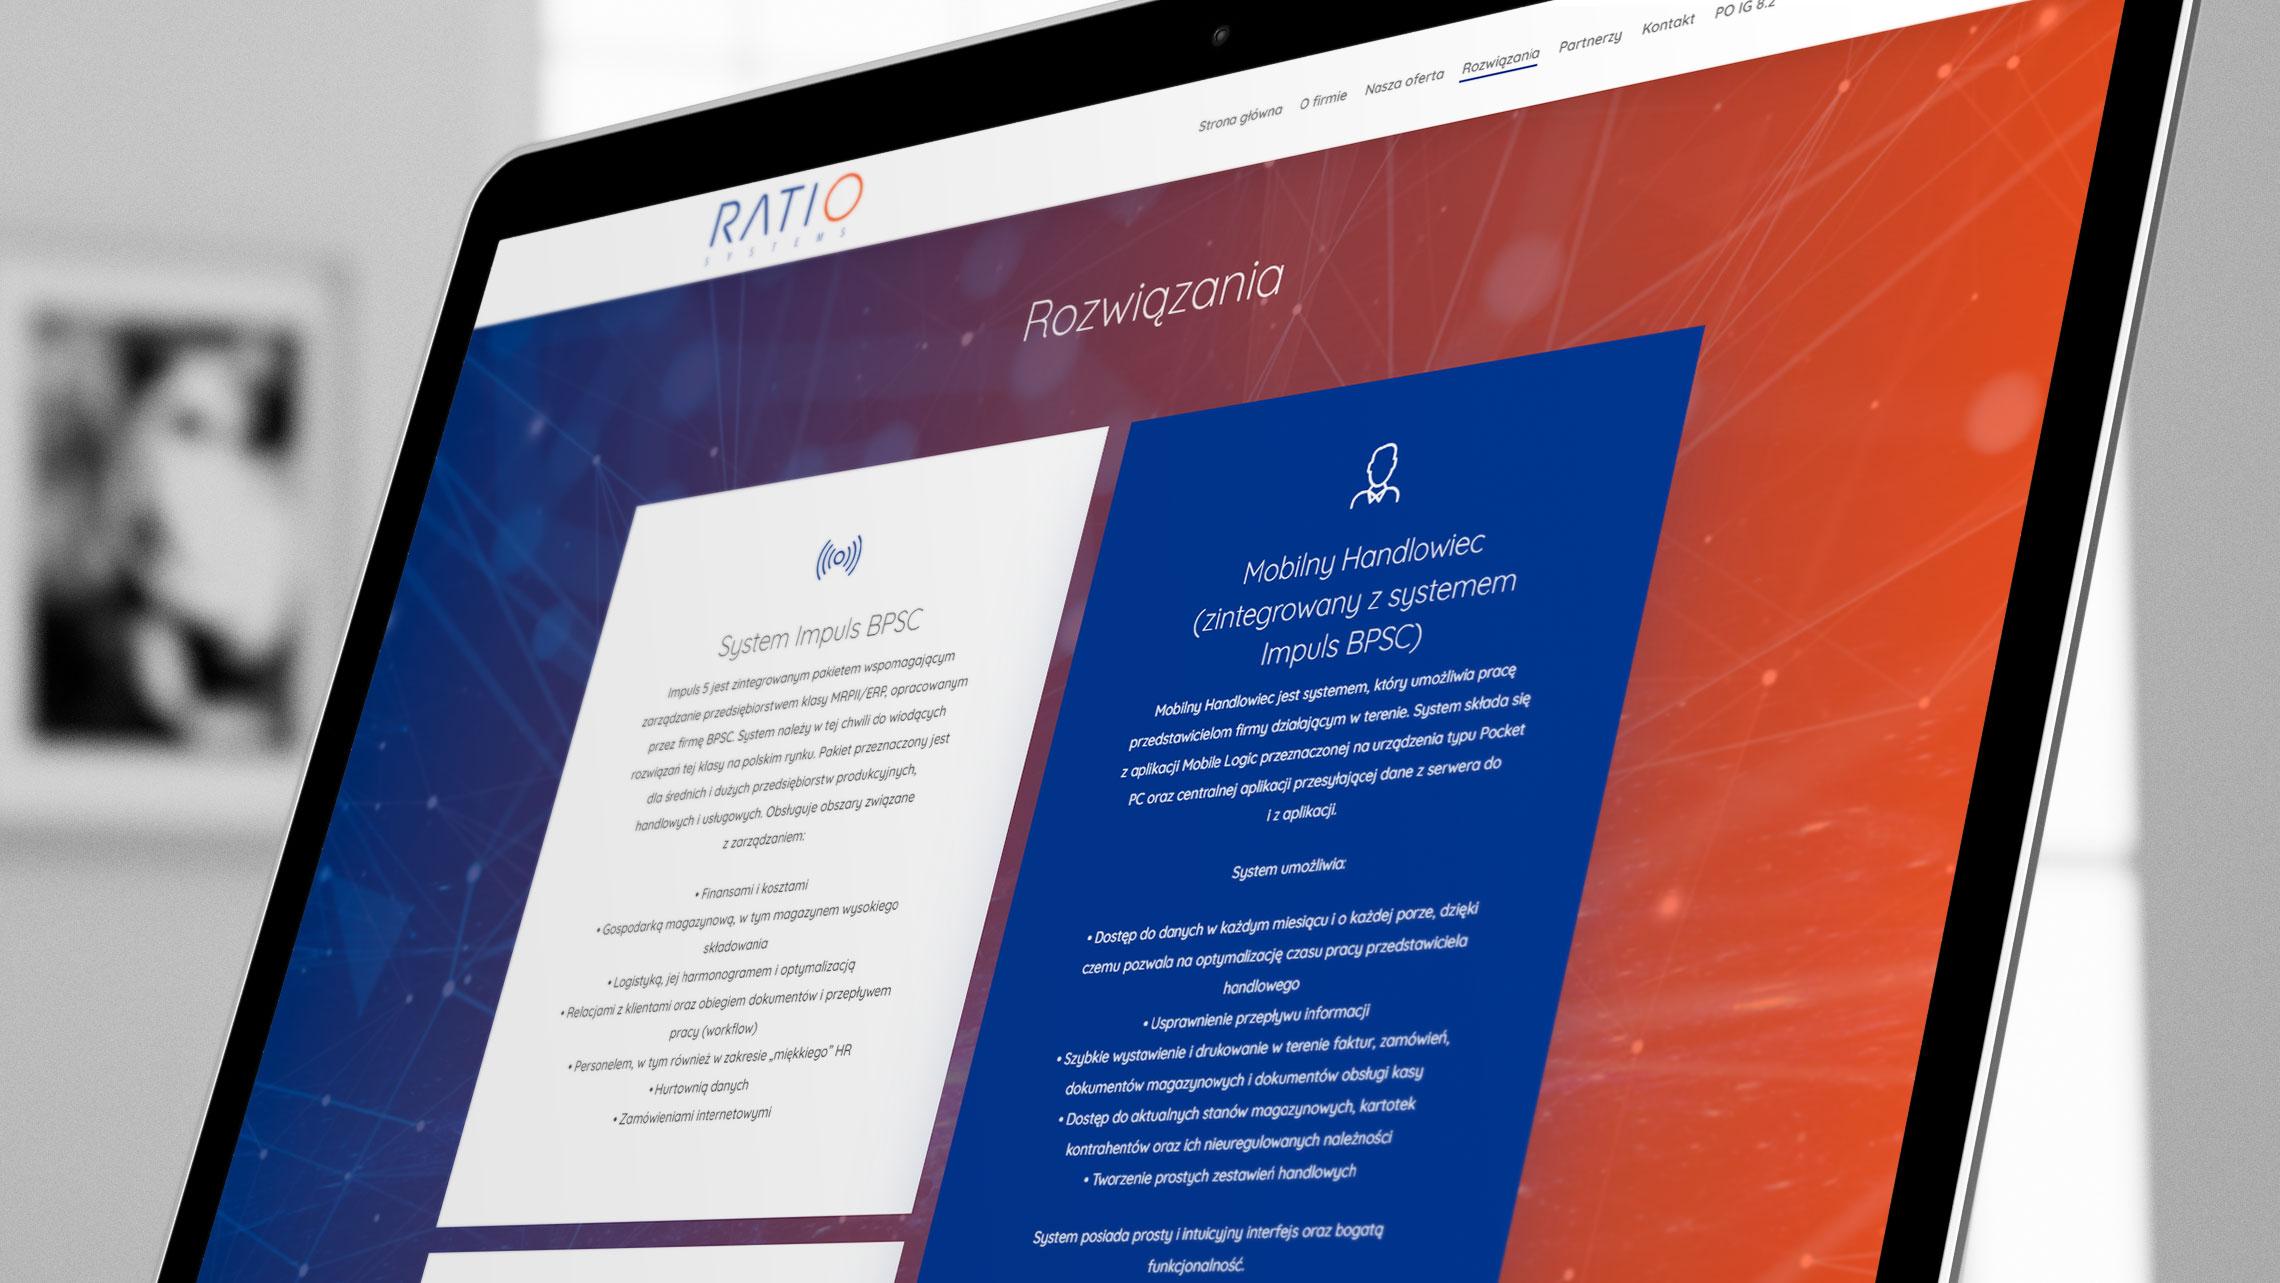 Sekcja rozwiązania nastronie internetowej Ratio Systems